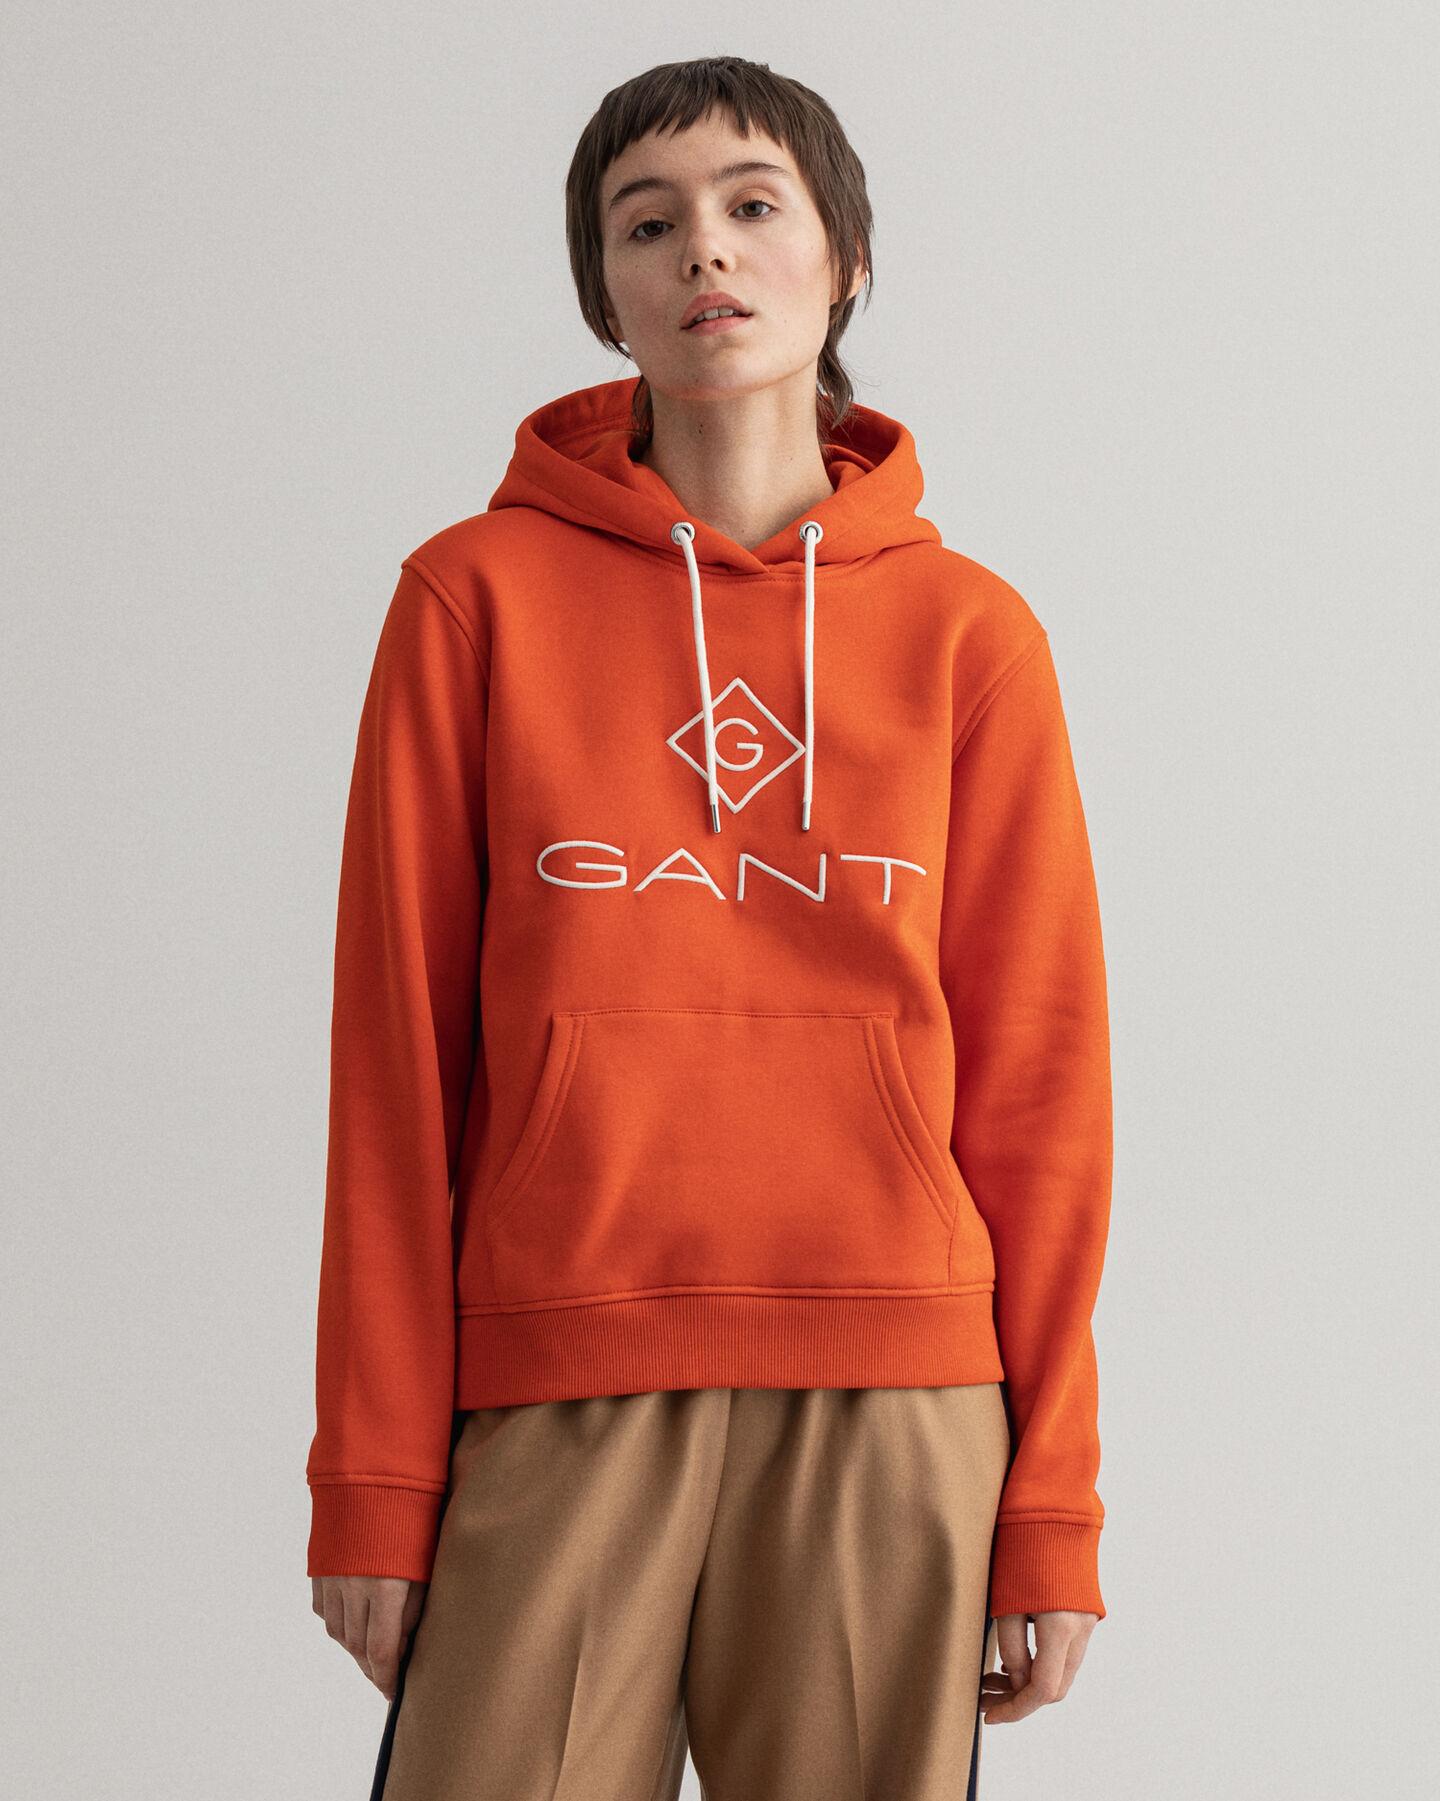 Sites-Gant-DACH-Site